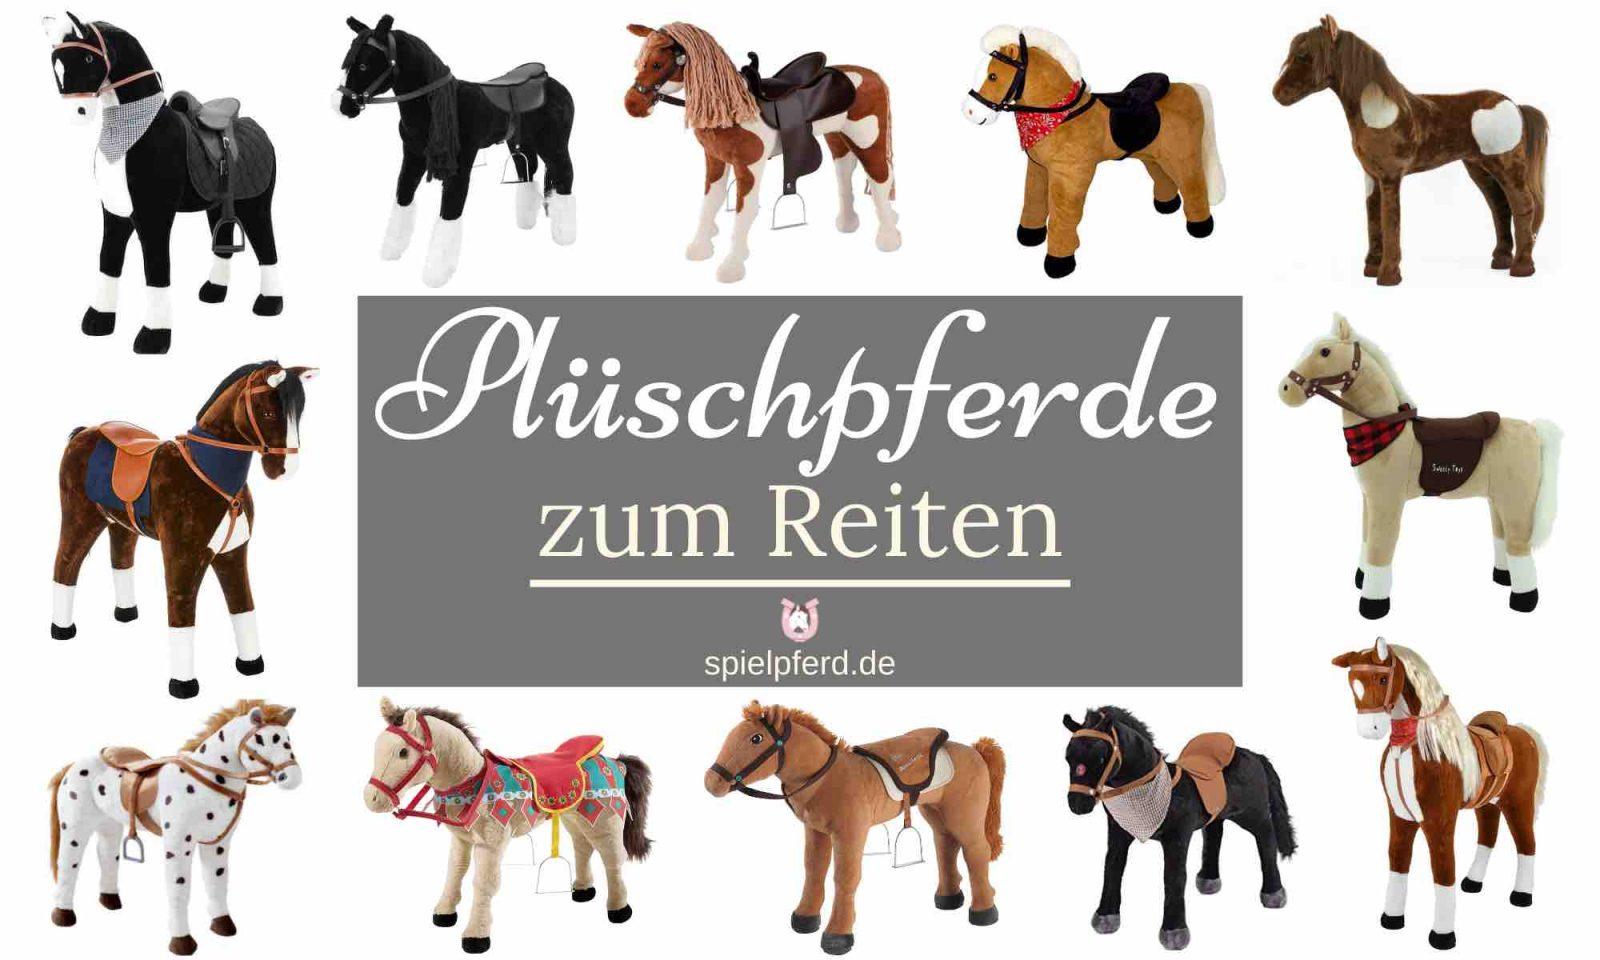 Plüschpferd zum Reiten, Stehpferd XXL, Plüschpferd XXL, Spielzeug Pferd, Happy People Pferd zum Draufsitzen, Spielpferd zum Reiten, alle Marken, verschiedene Modelle